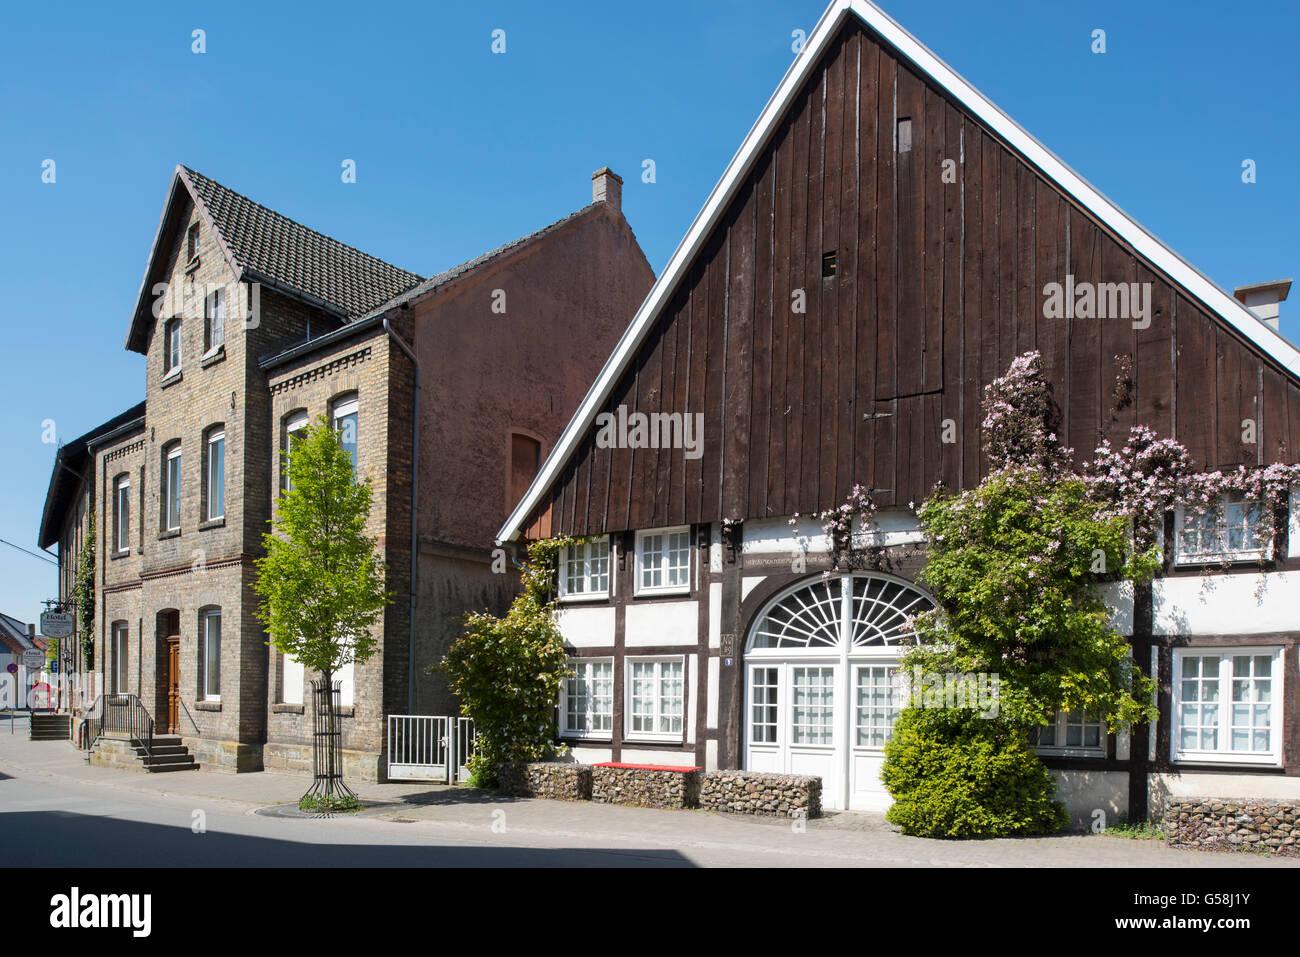 Historische Fachwerkhäuser Stock Photos & Historische Fachwerkhäuser ...